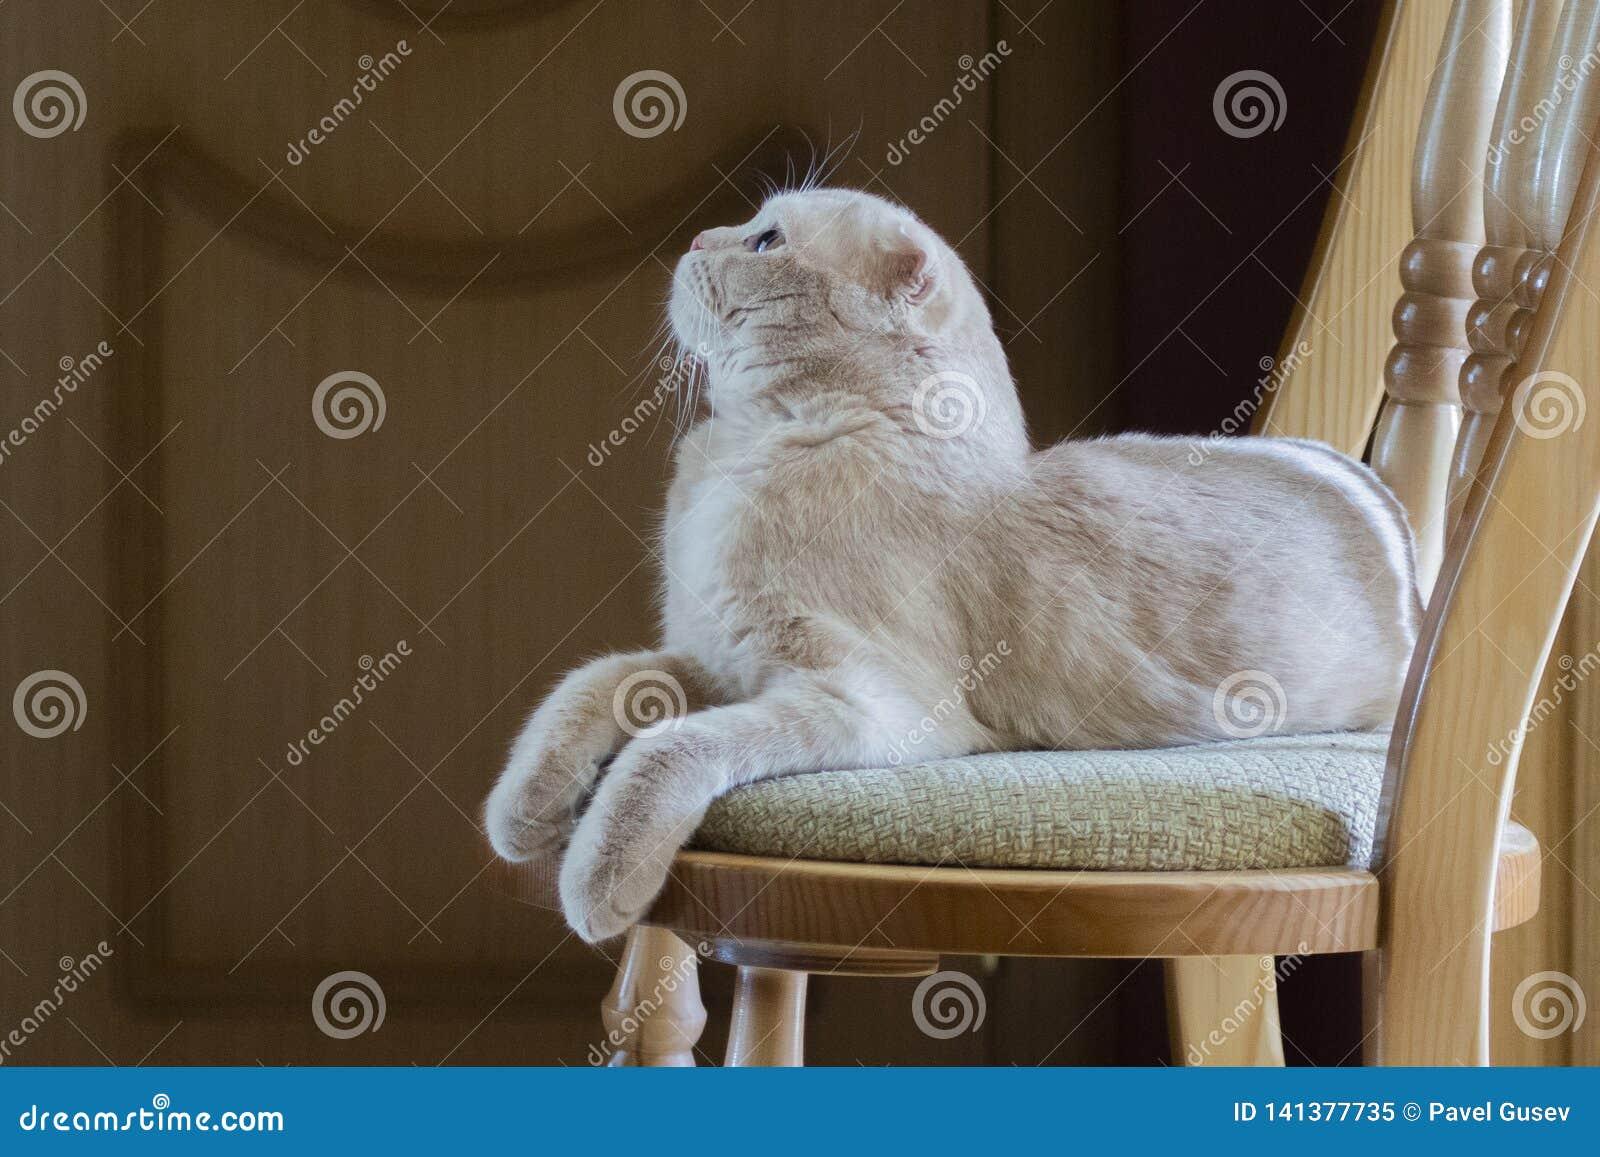 Il gatto si trova su una sedia e cerca